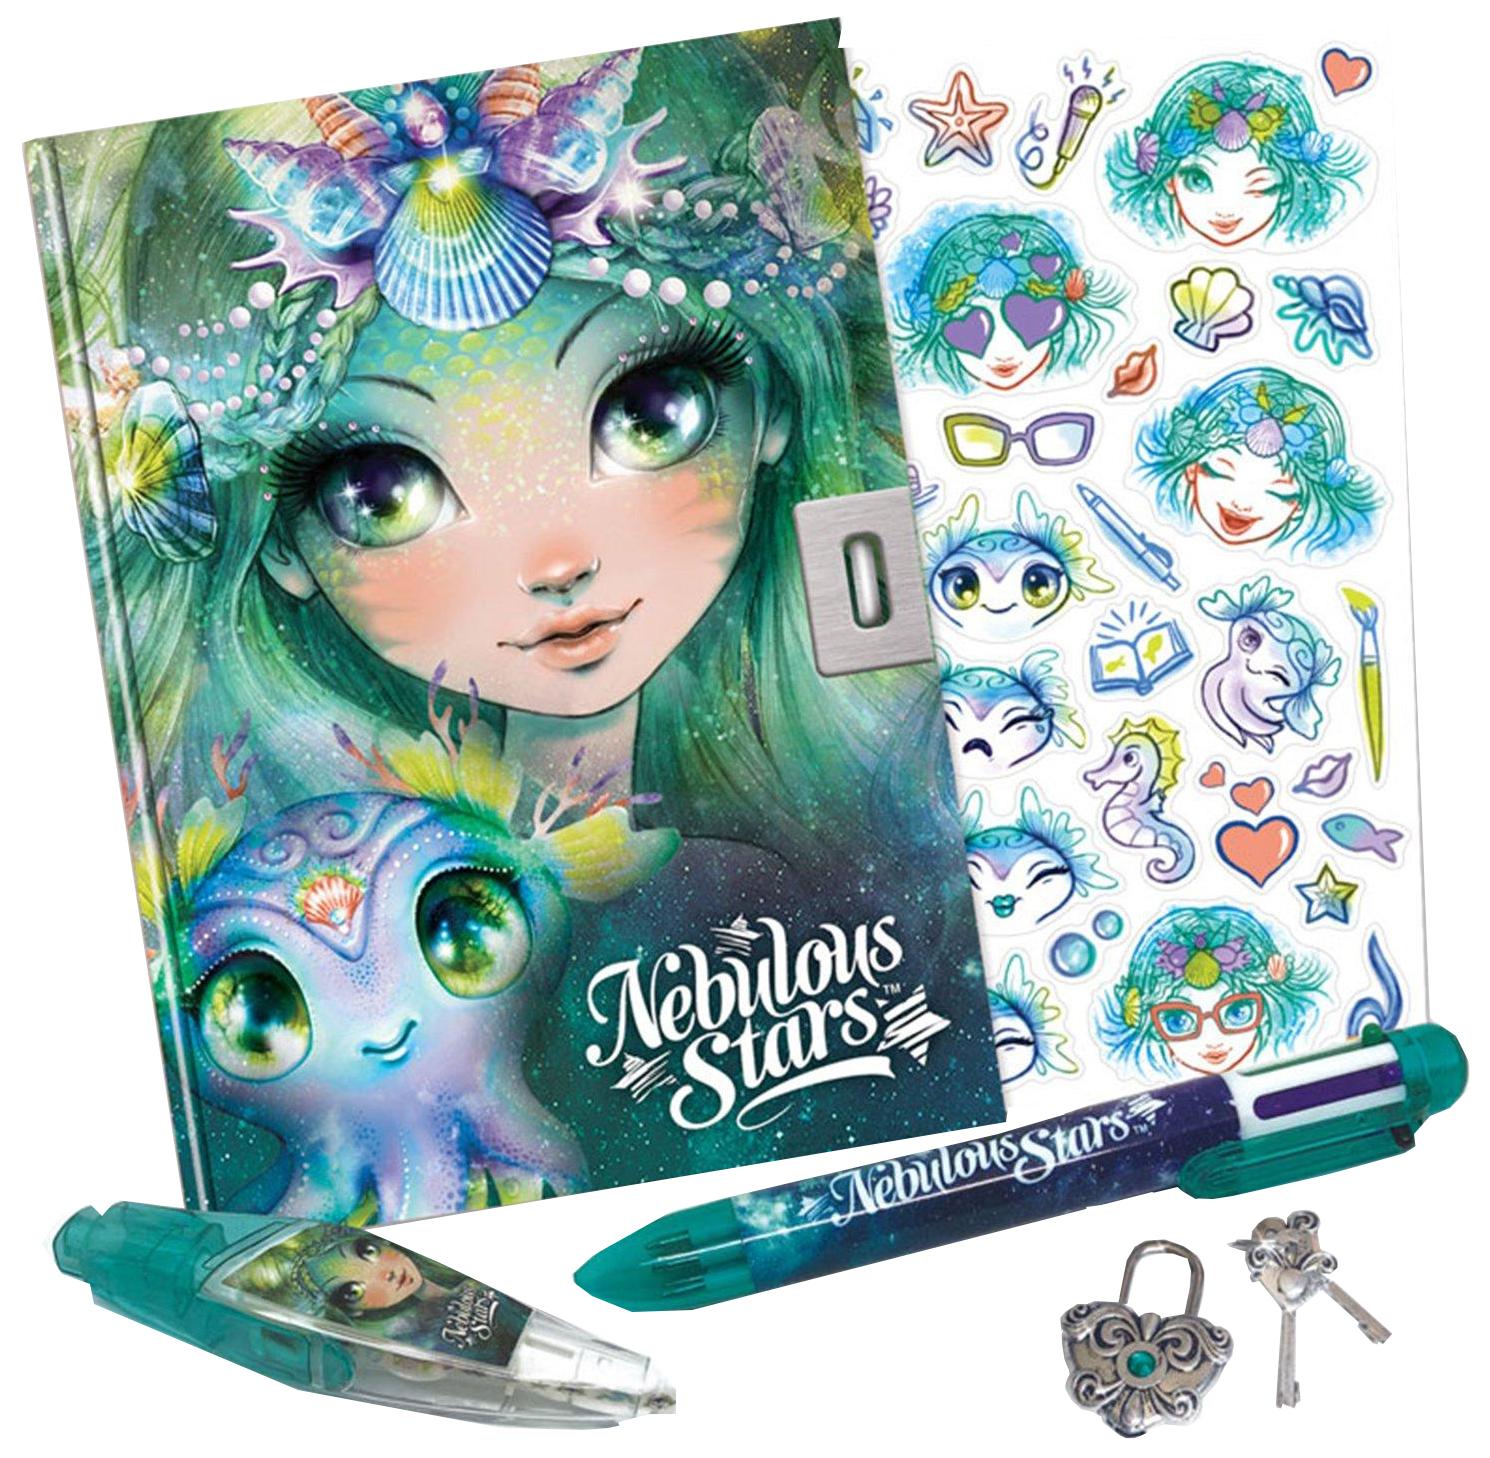 Купить Набор для творчества Nebulous Stars Дневник секретов Мариния 204561-MP, Рукоделие